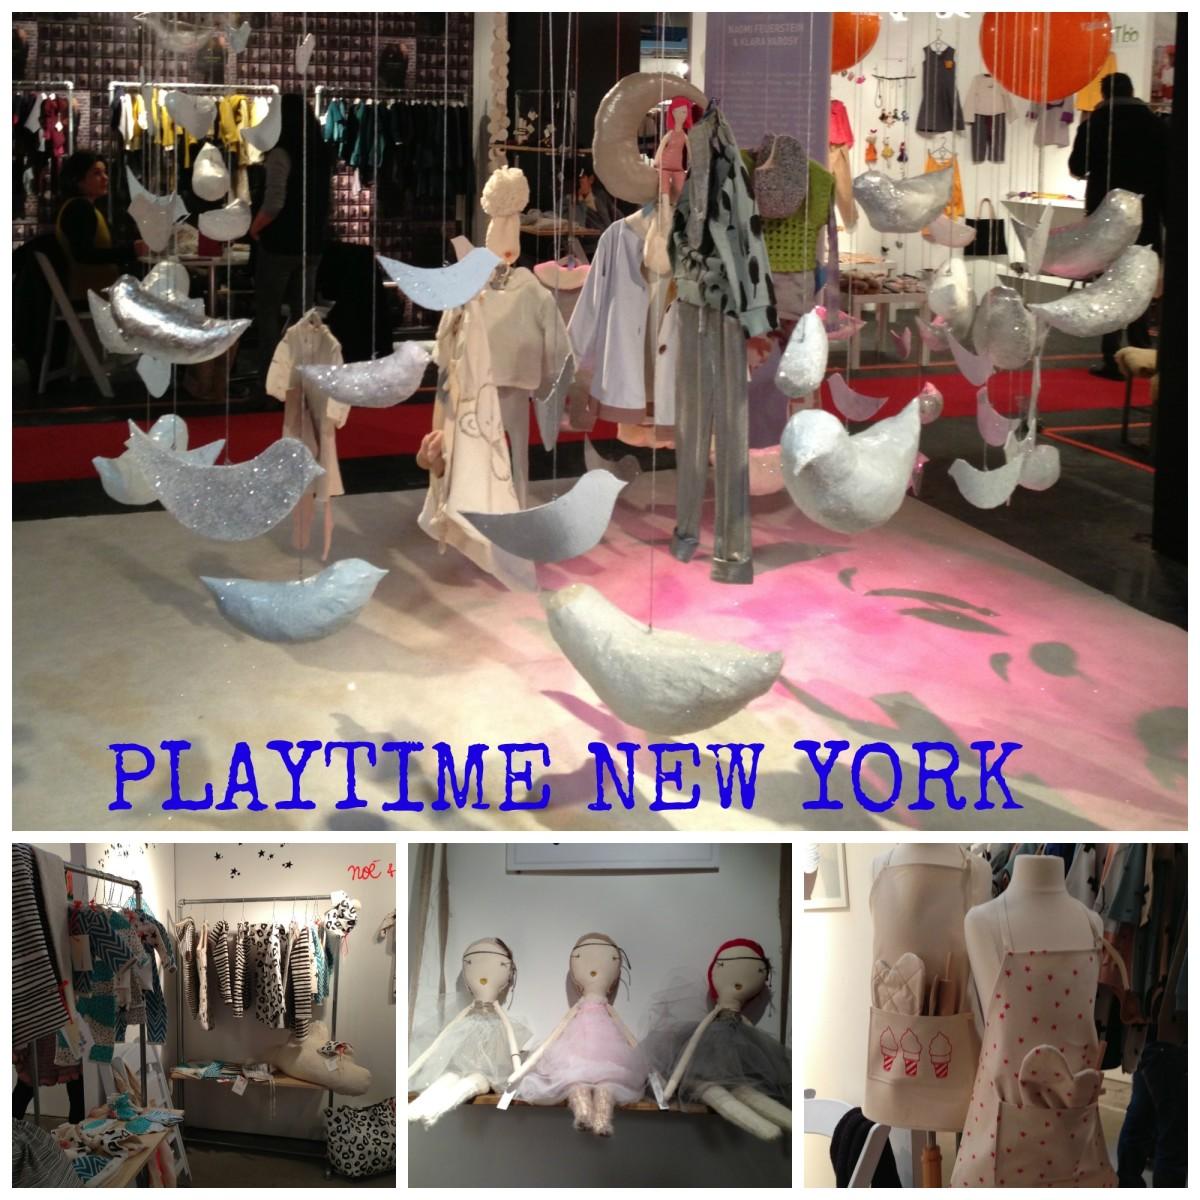 playtime new york